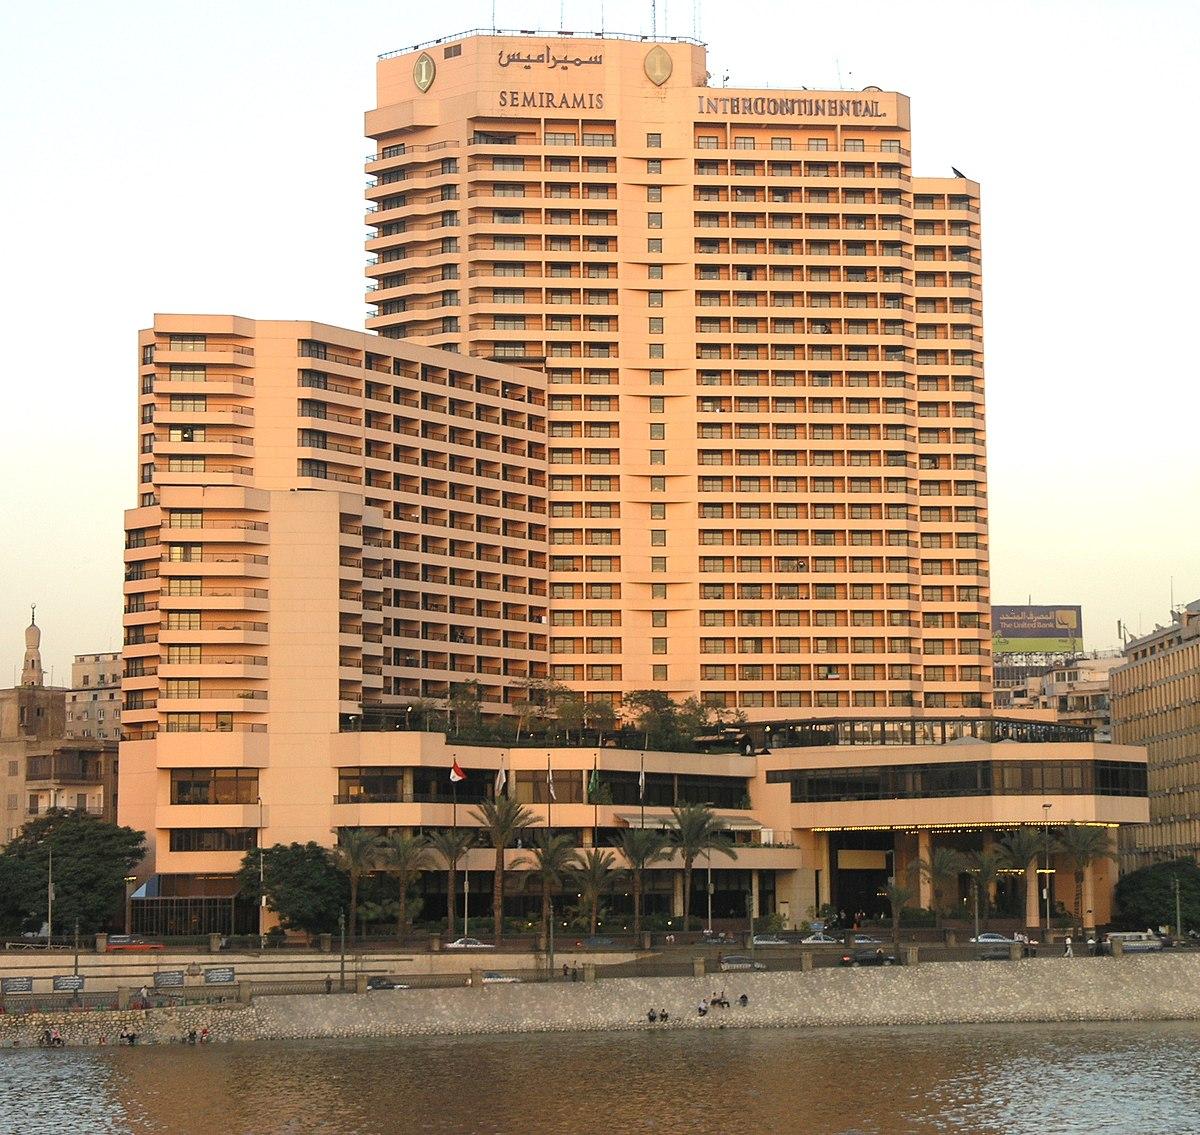 نتيجة بحث الصور عن فندق انتركونتيننتال سميراميس